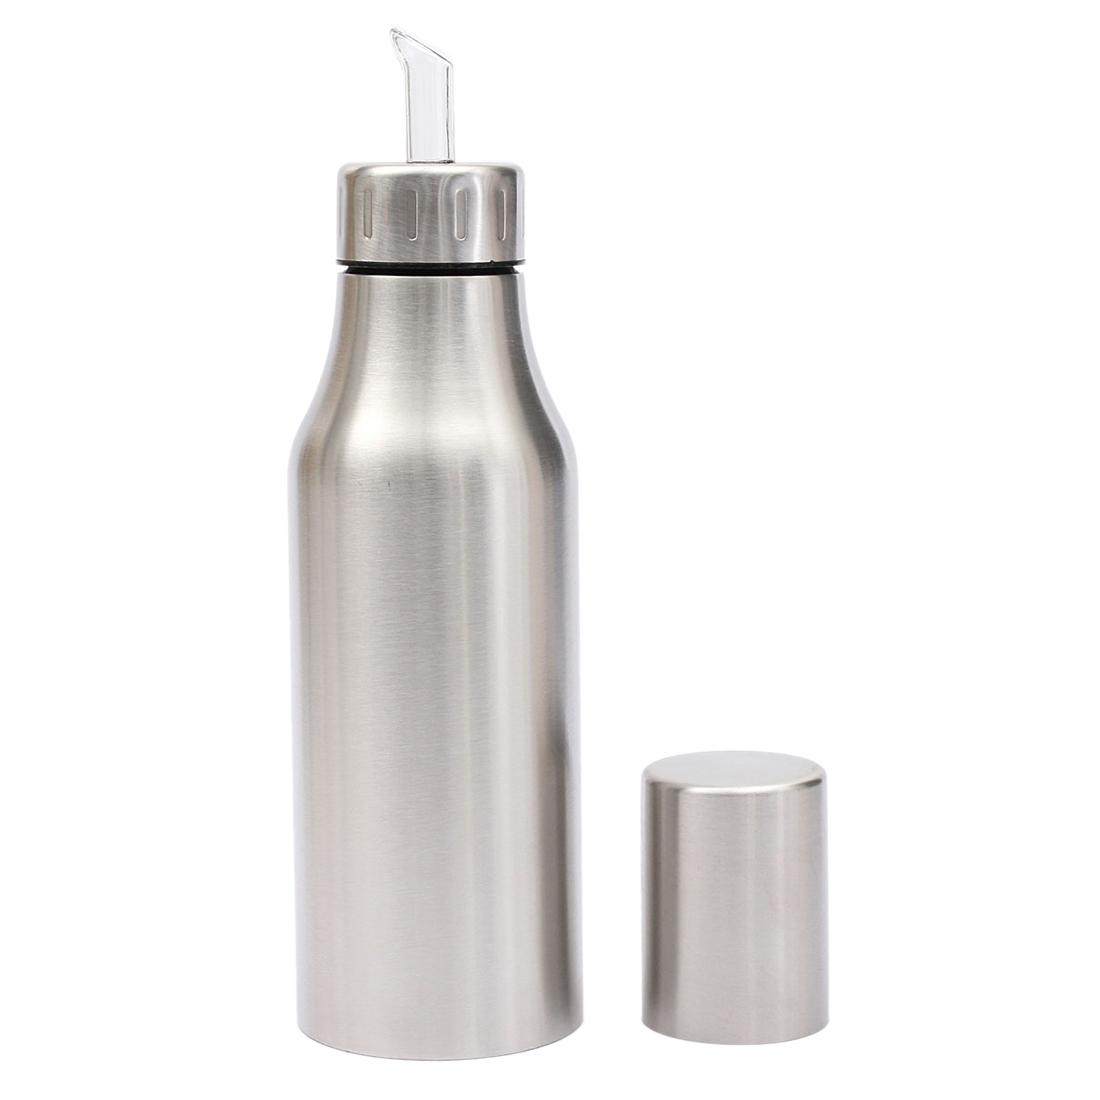 oil vinegar dispenser carafe castor oil vinegar bottle kitchen 750lm b9j1 ebay. Black Bedroom Furniture Sets. Home Design Ideas